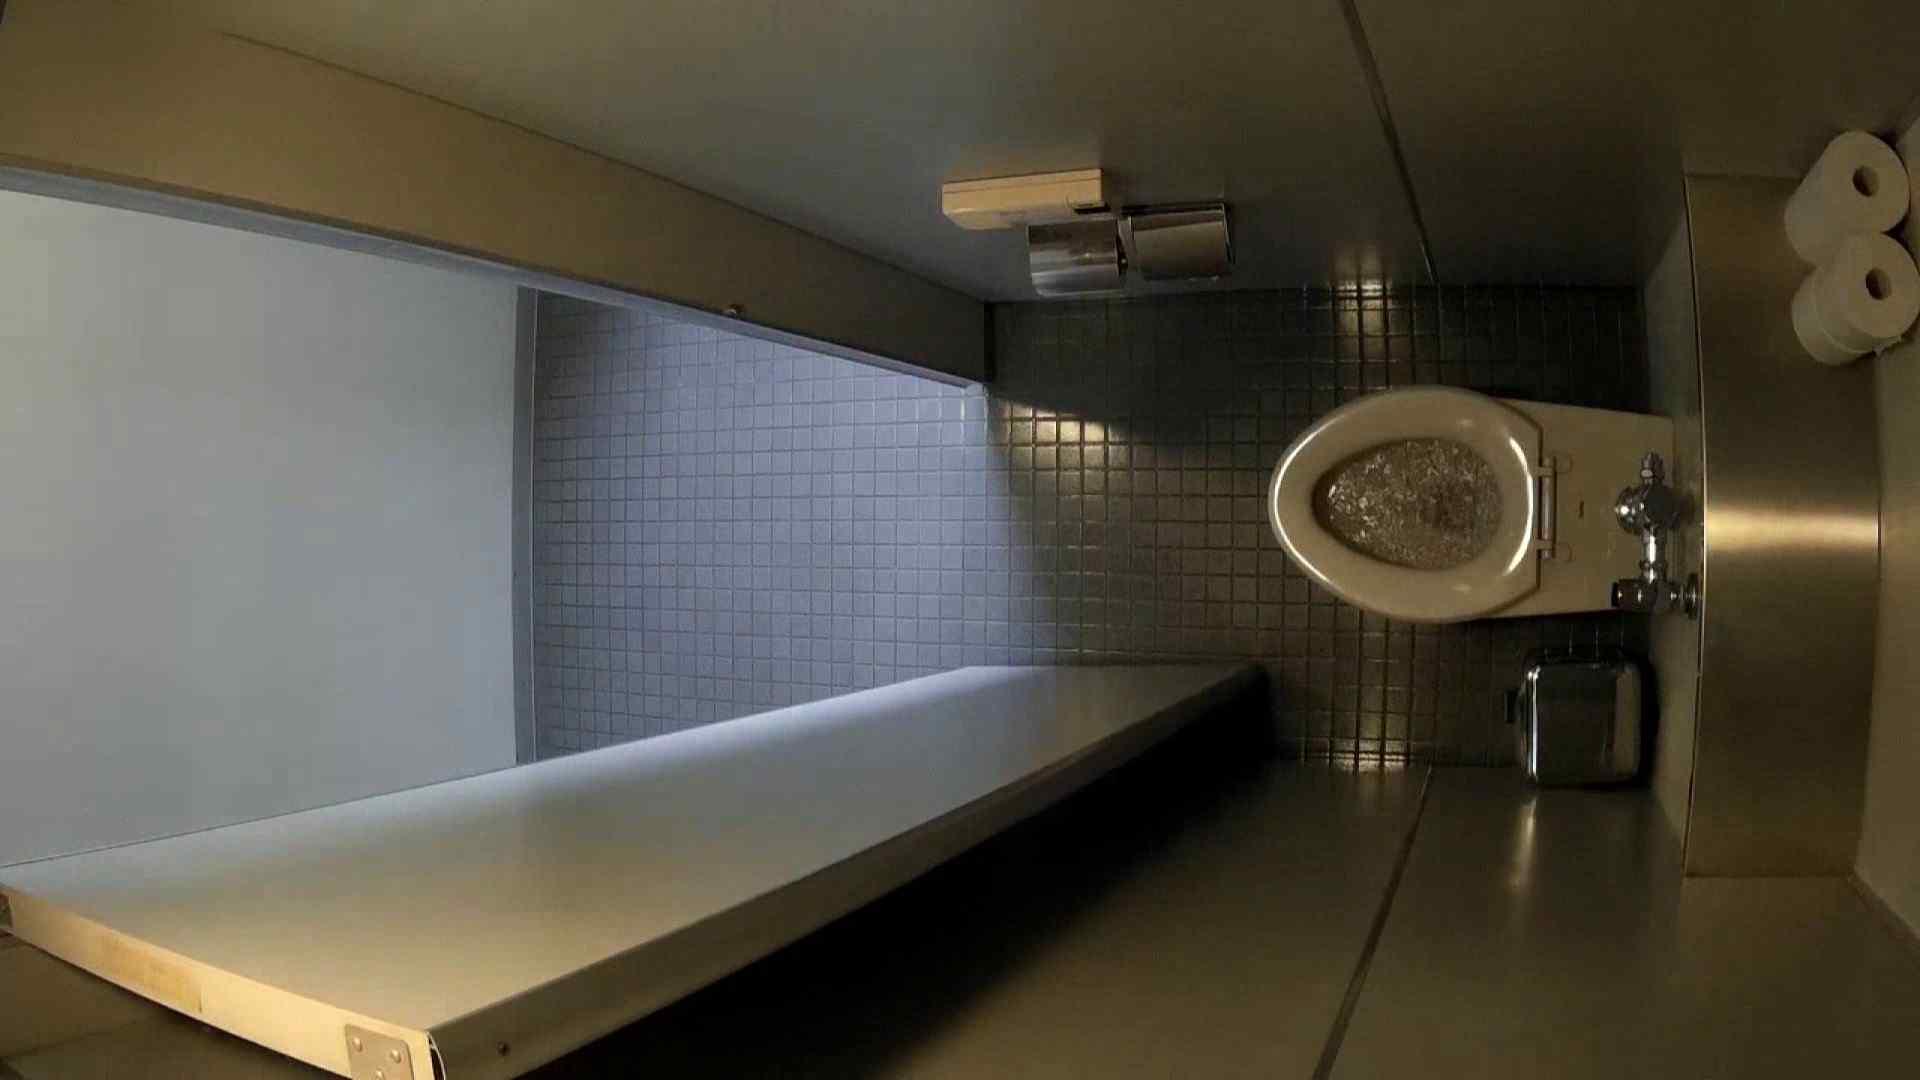 有名大学女性洗面所 vol.45 冴え渡る多方向撮影!職人技です。 潜入 | 洗面所  95画像 11